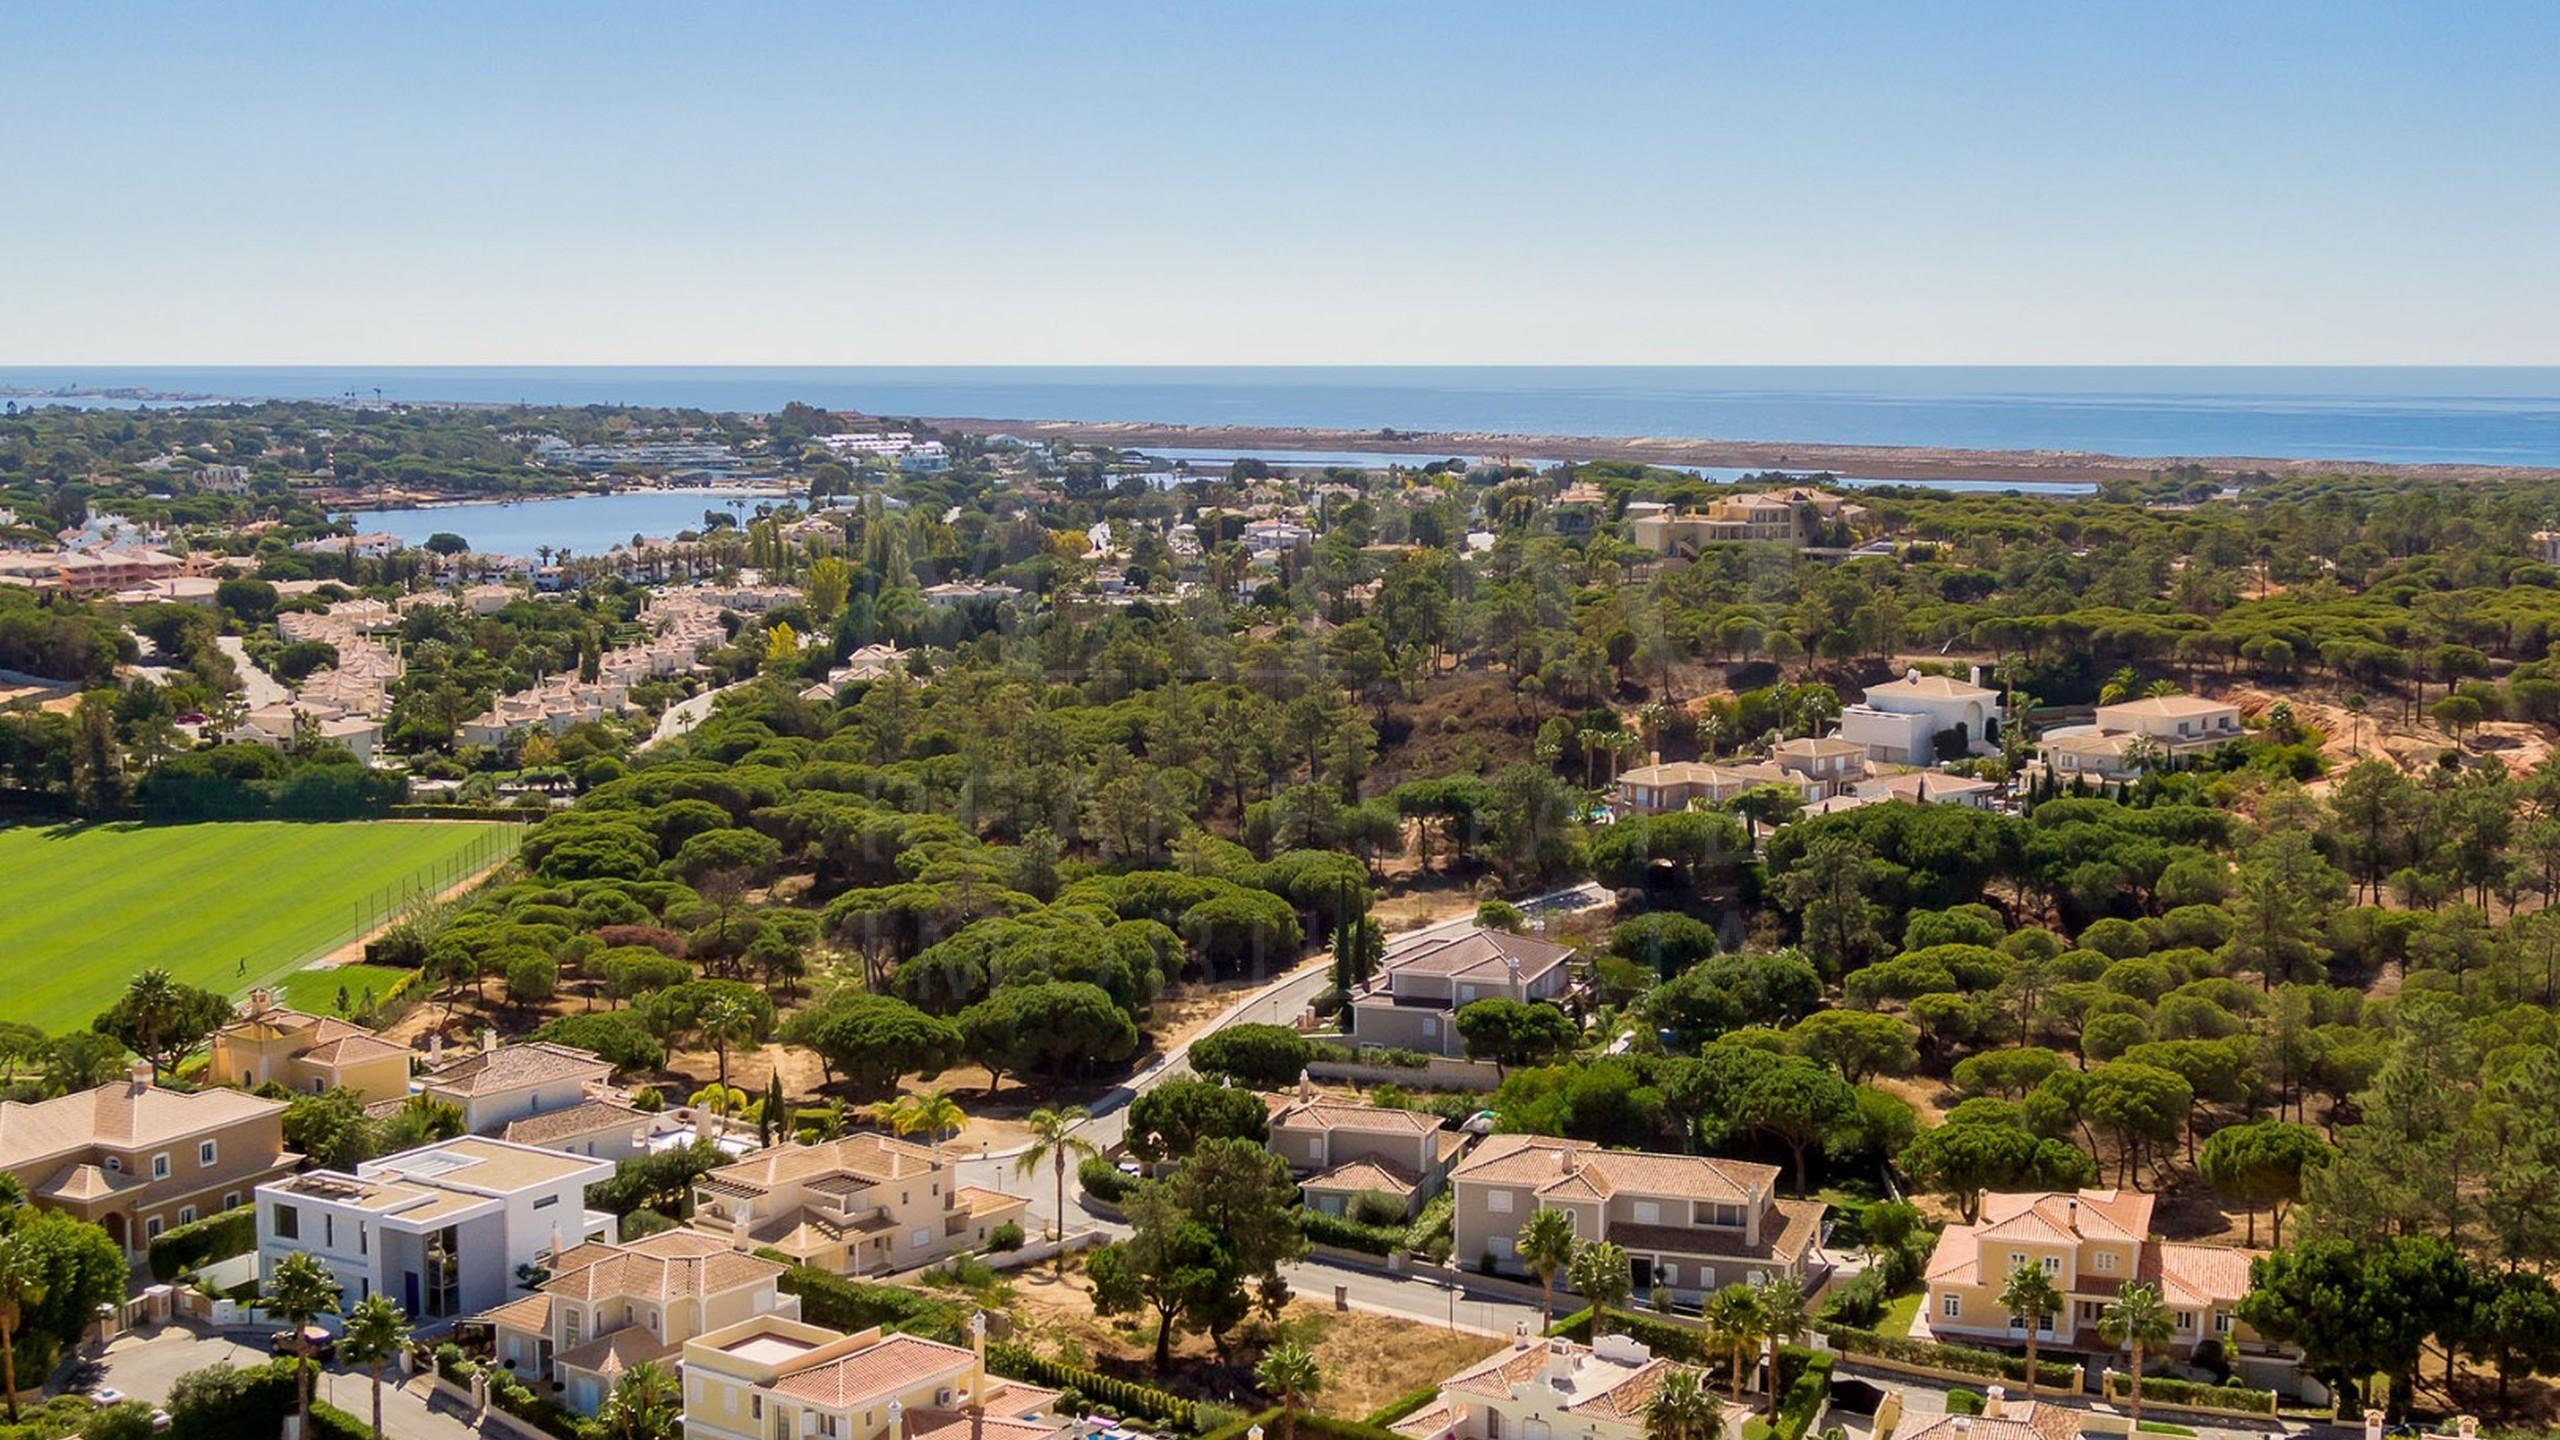 Terrain près de la plage à Quinta do Lago, Algarve